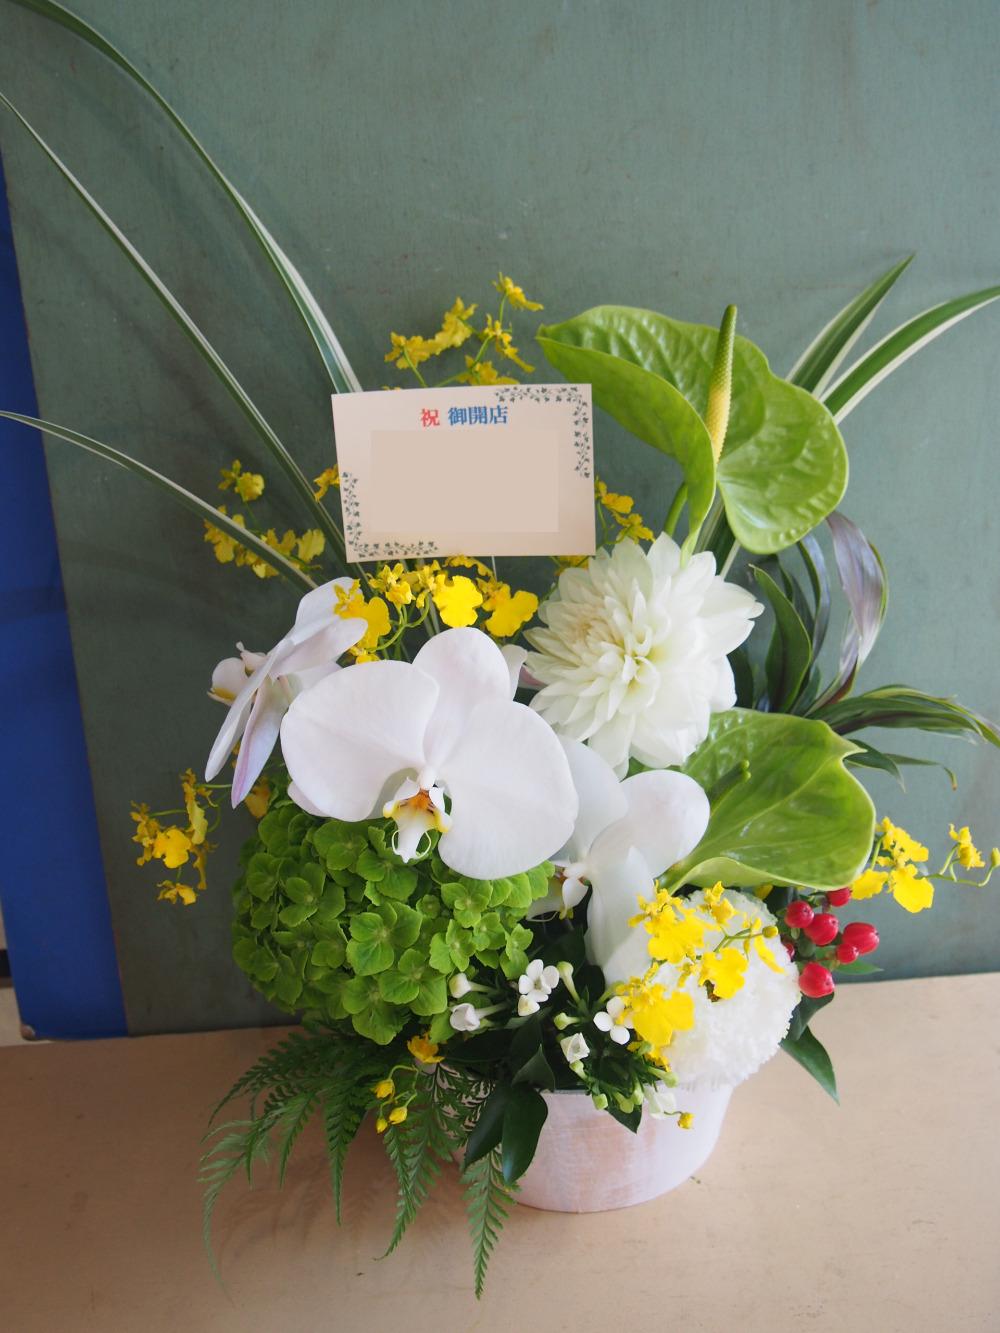 「明日へ向けて輝くイメージ」白をベースとした開店お祝い花